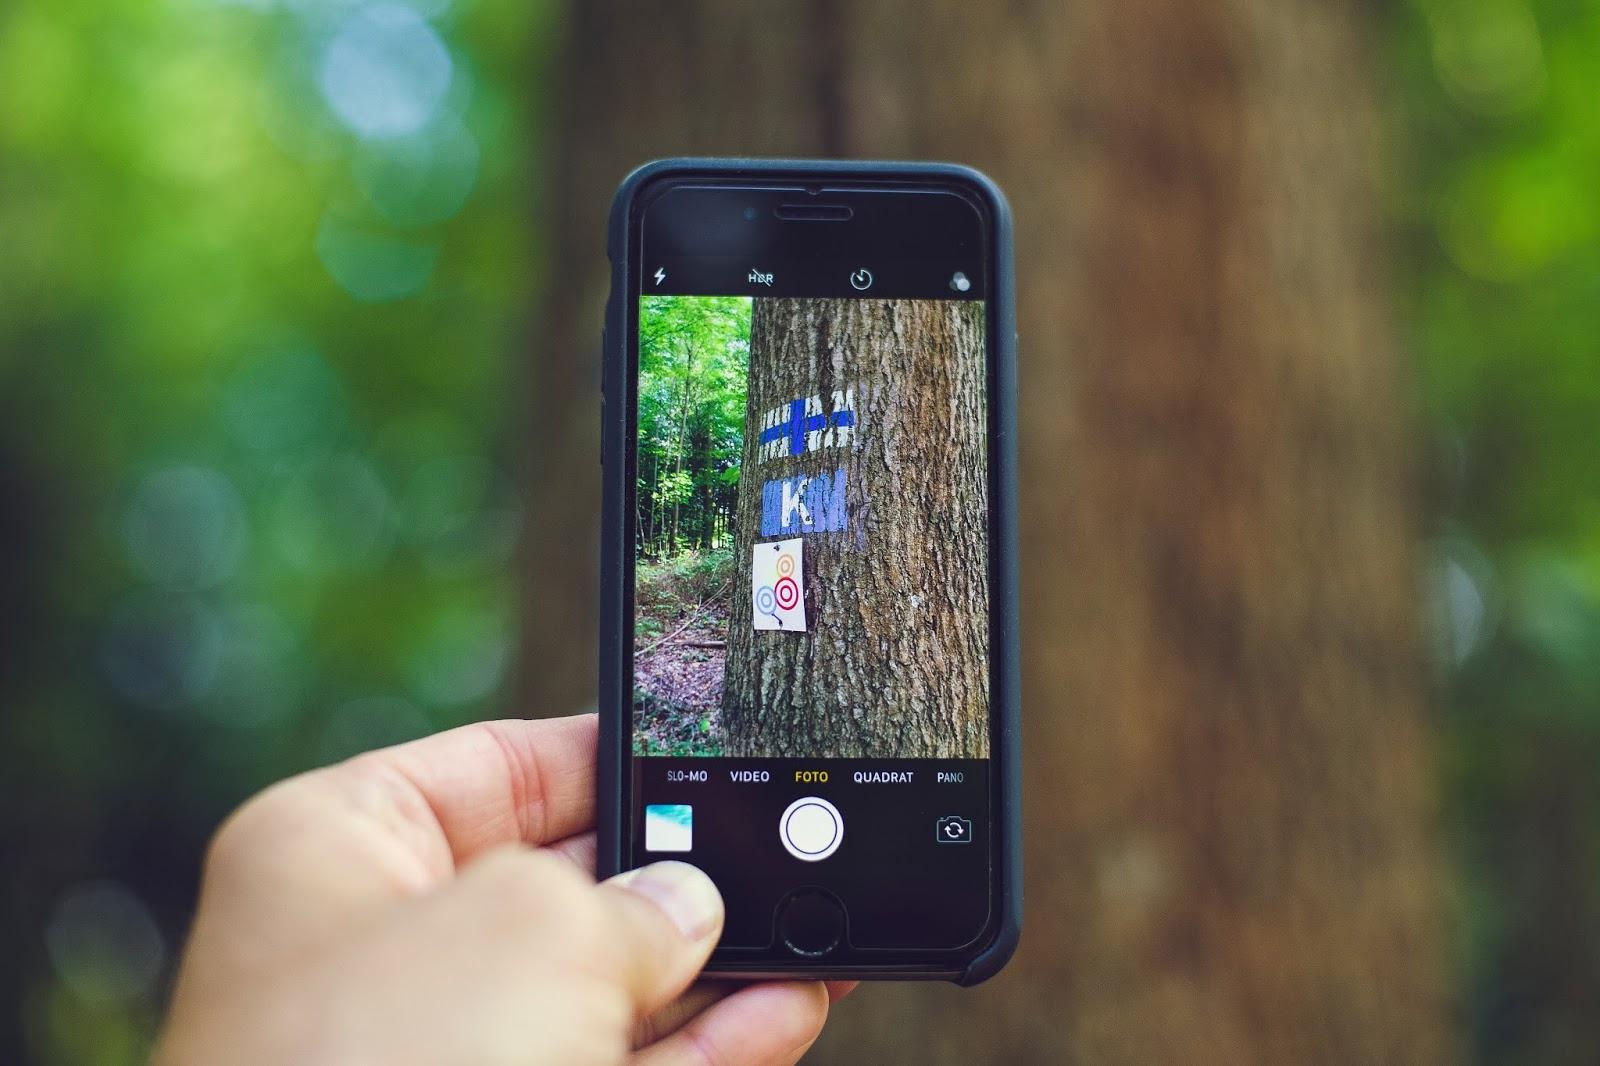 Έρευνα: Το μπλε φως των κινητών αυξάνει τον κίνδυνο καρκίνου του εντέρου